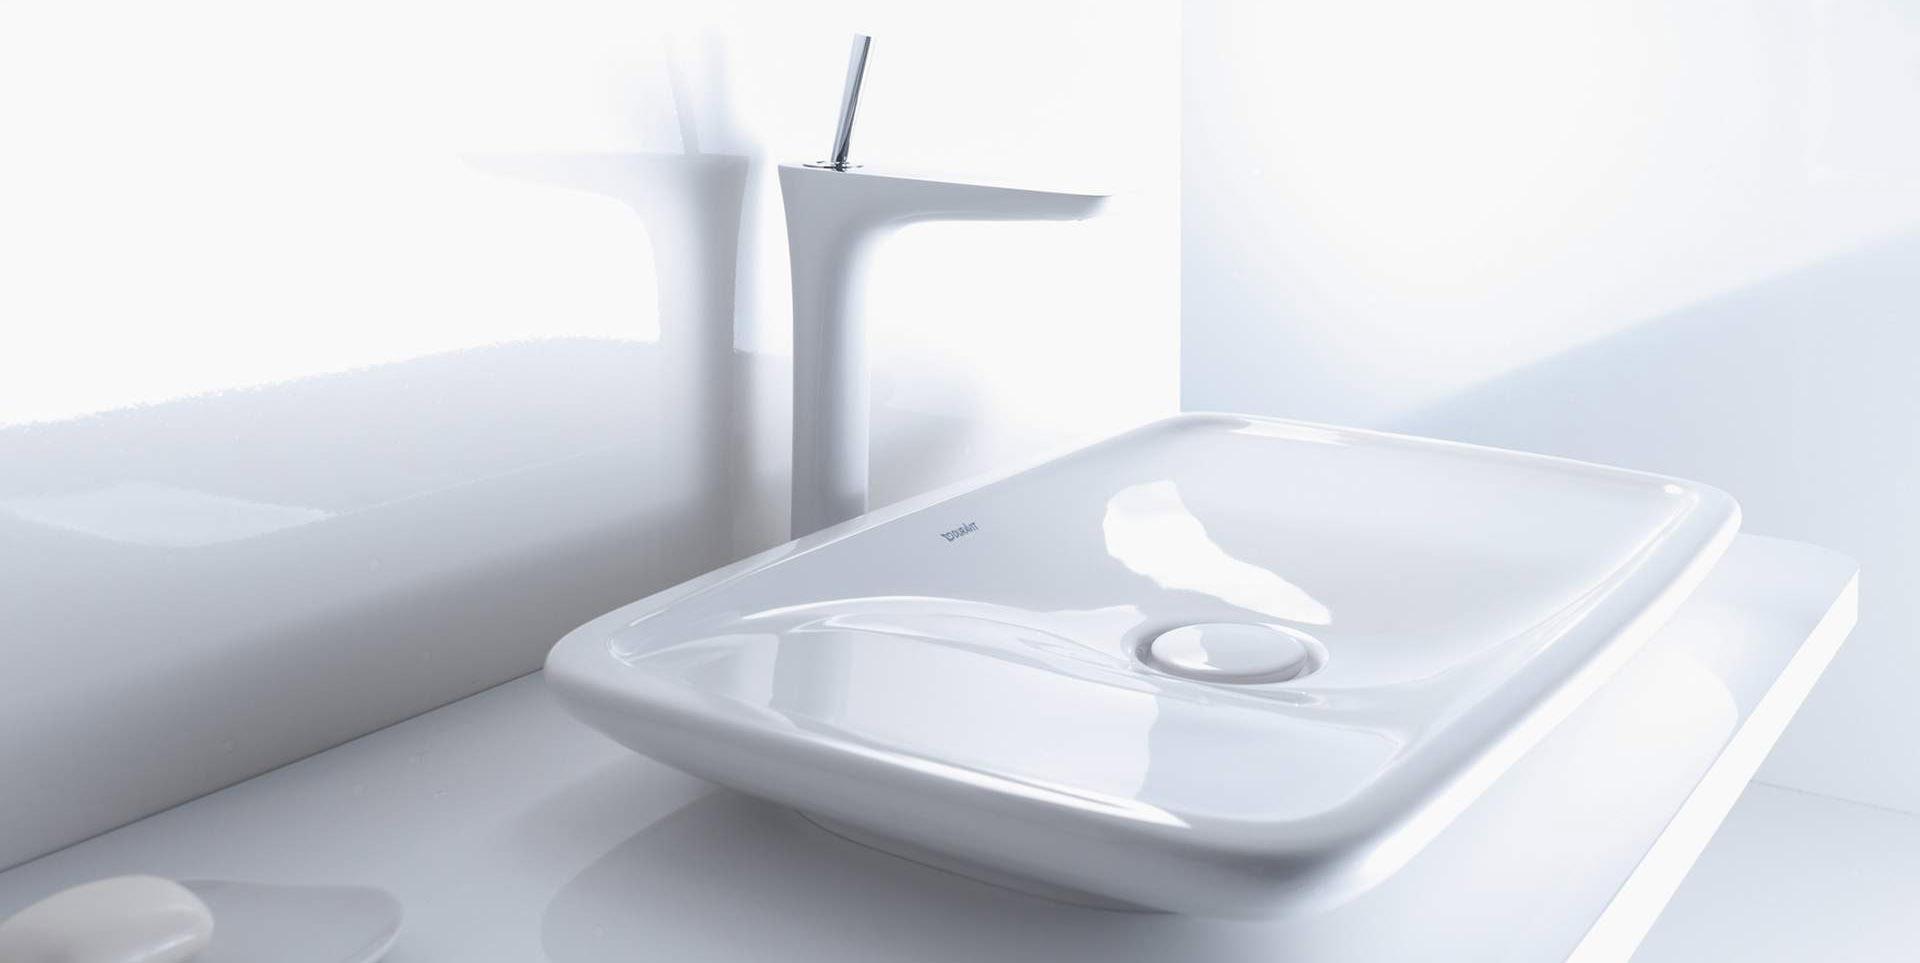 Waschbecken Schmal Und Lang With Waschbecken Schmal